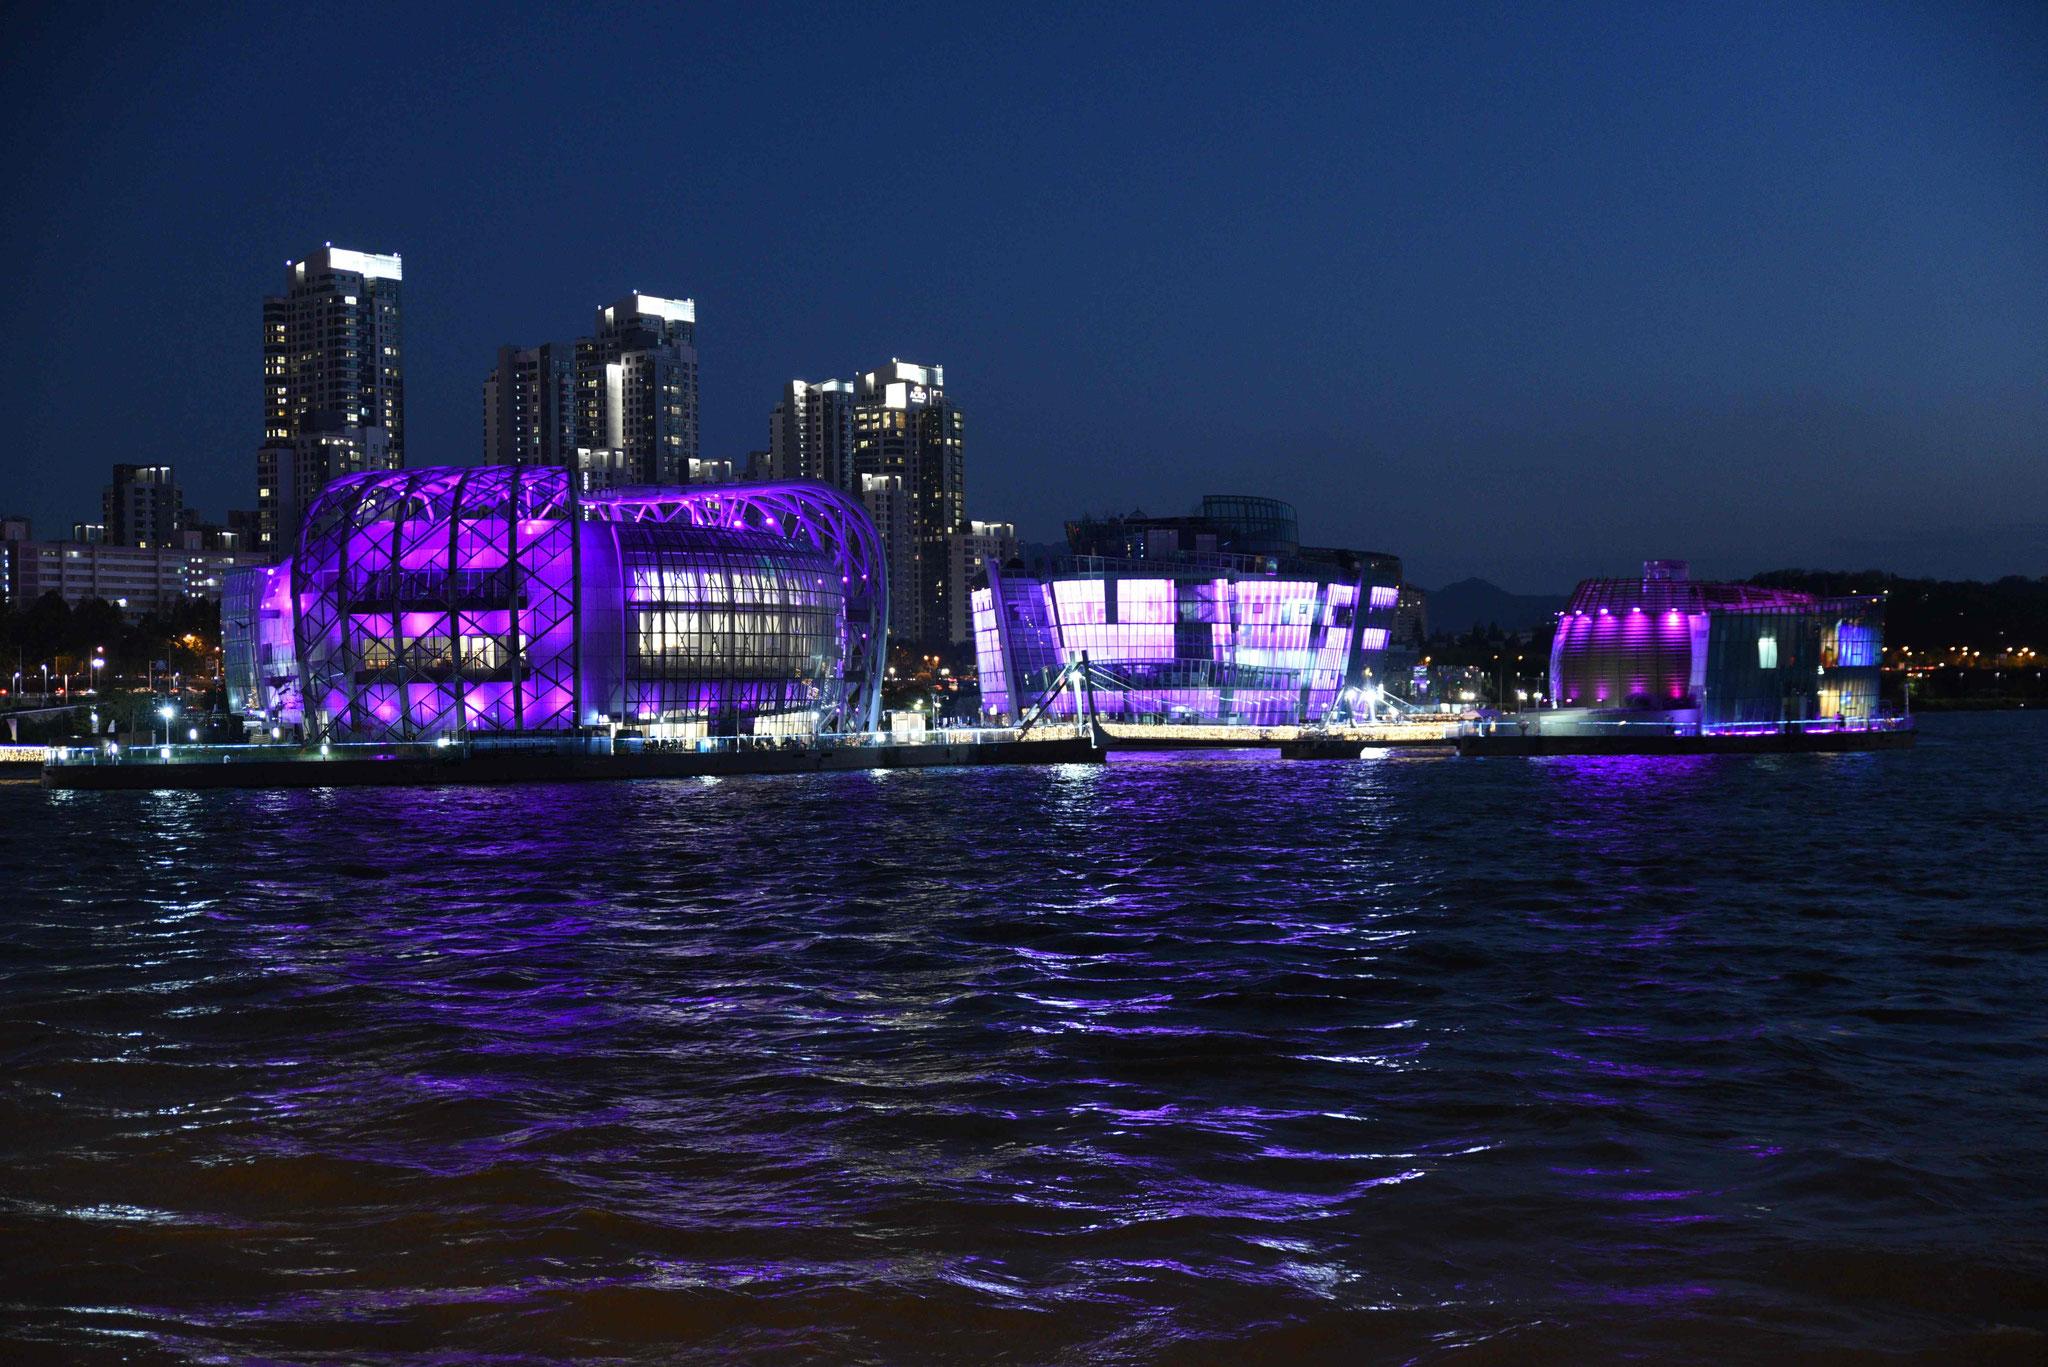 Some Sevit in violett - vom unteren Teil der Banpo-Brücke